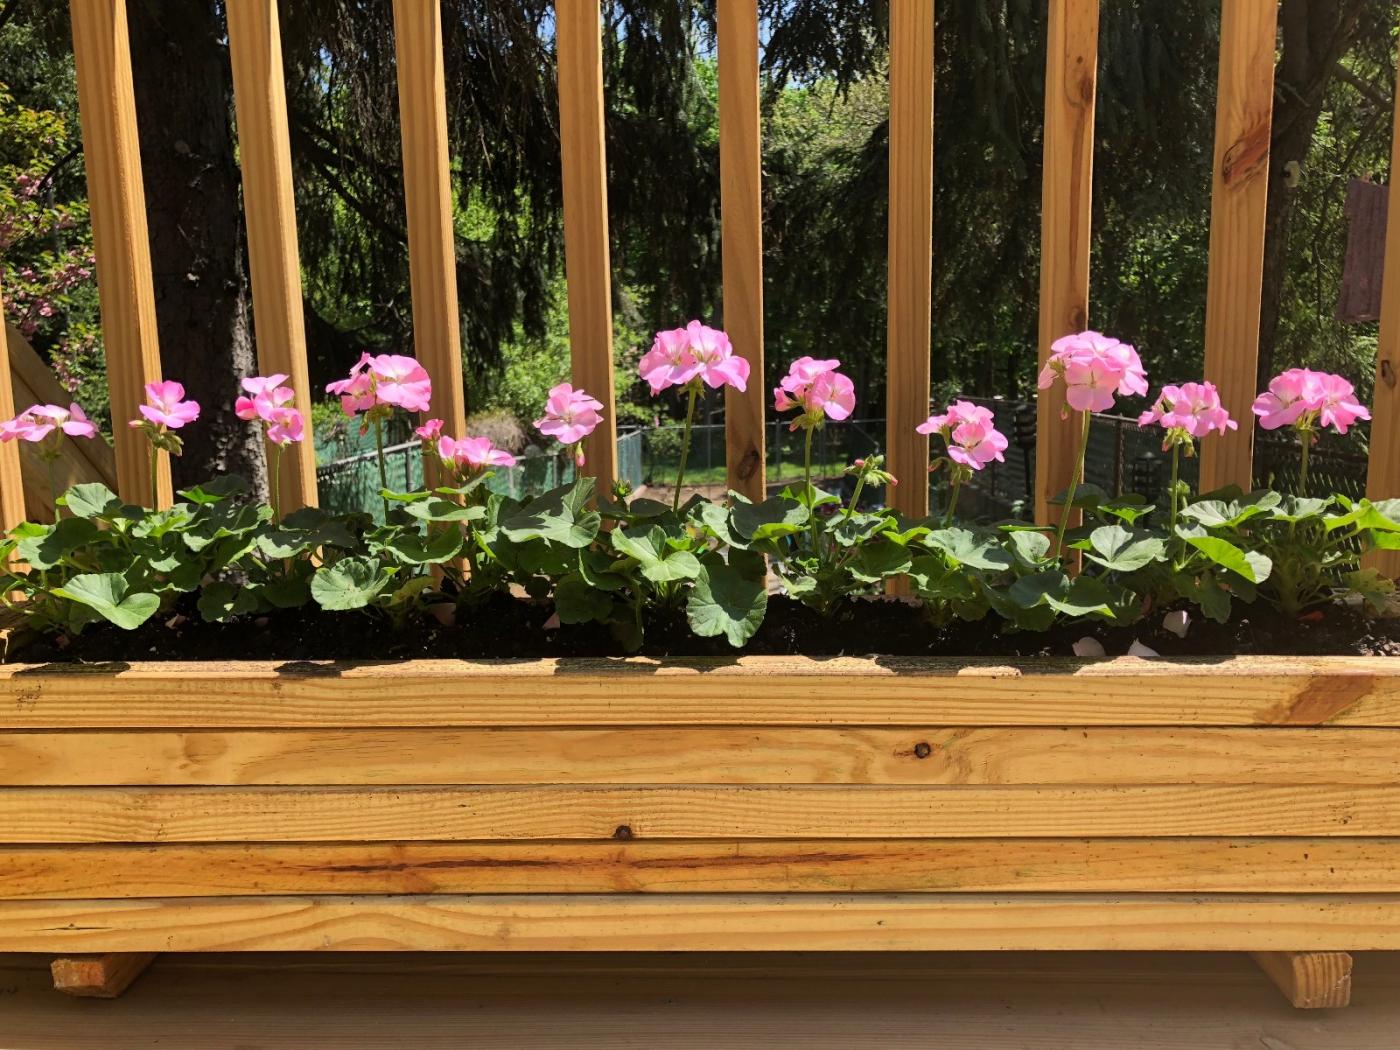 【田螺隨拍】分享去THE HOME DEPOT紅地鋪買花的經驗_圖1-12